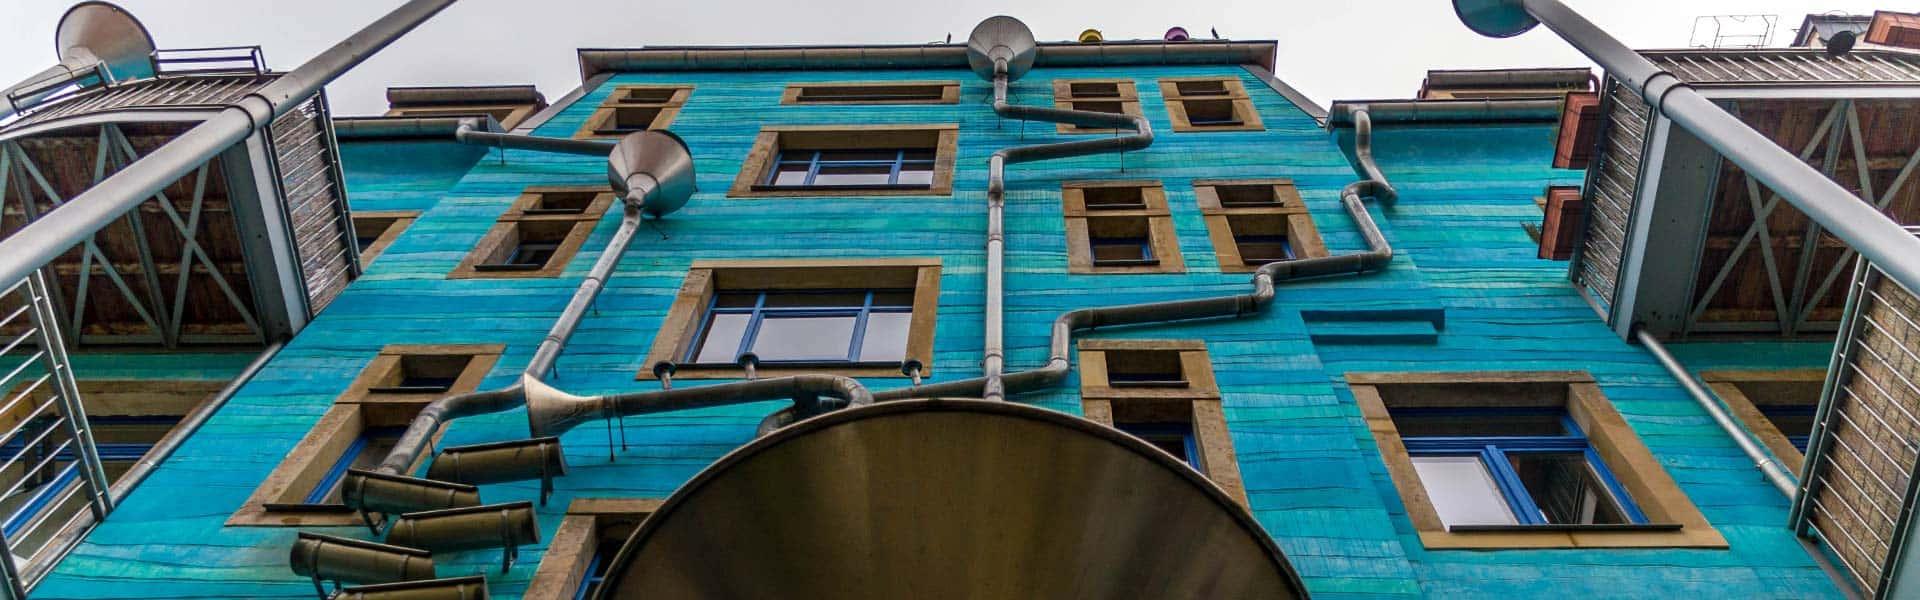 Außergewöhnliche Kunst erleben: Die Kunsthofpassage in Dresden